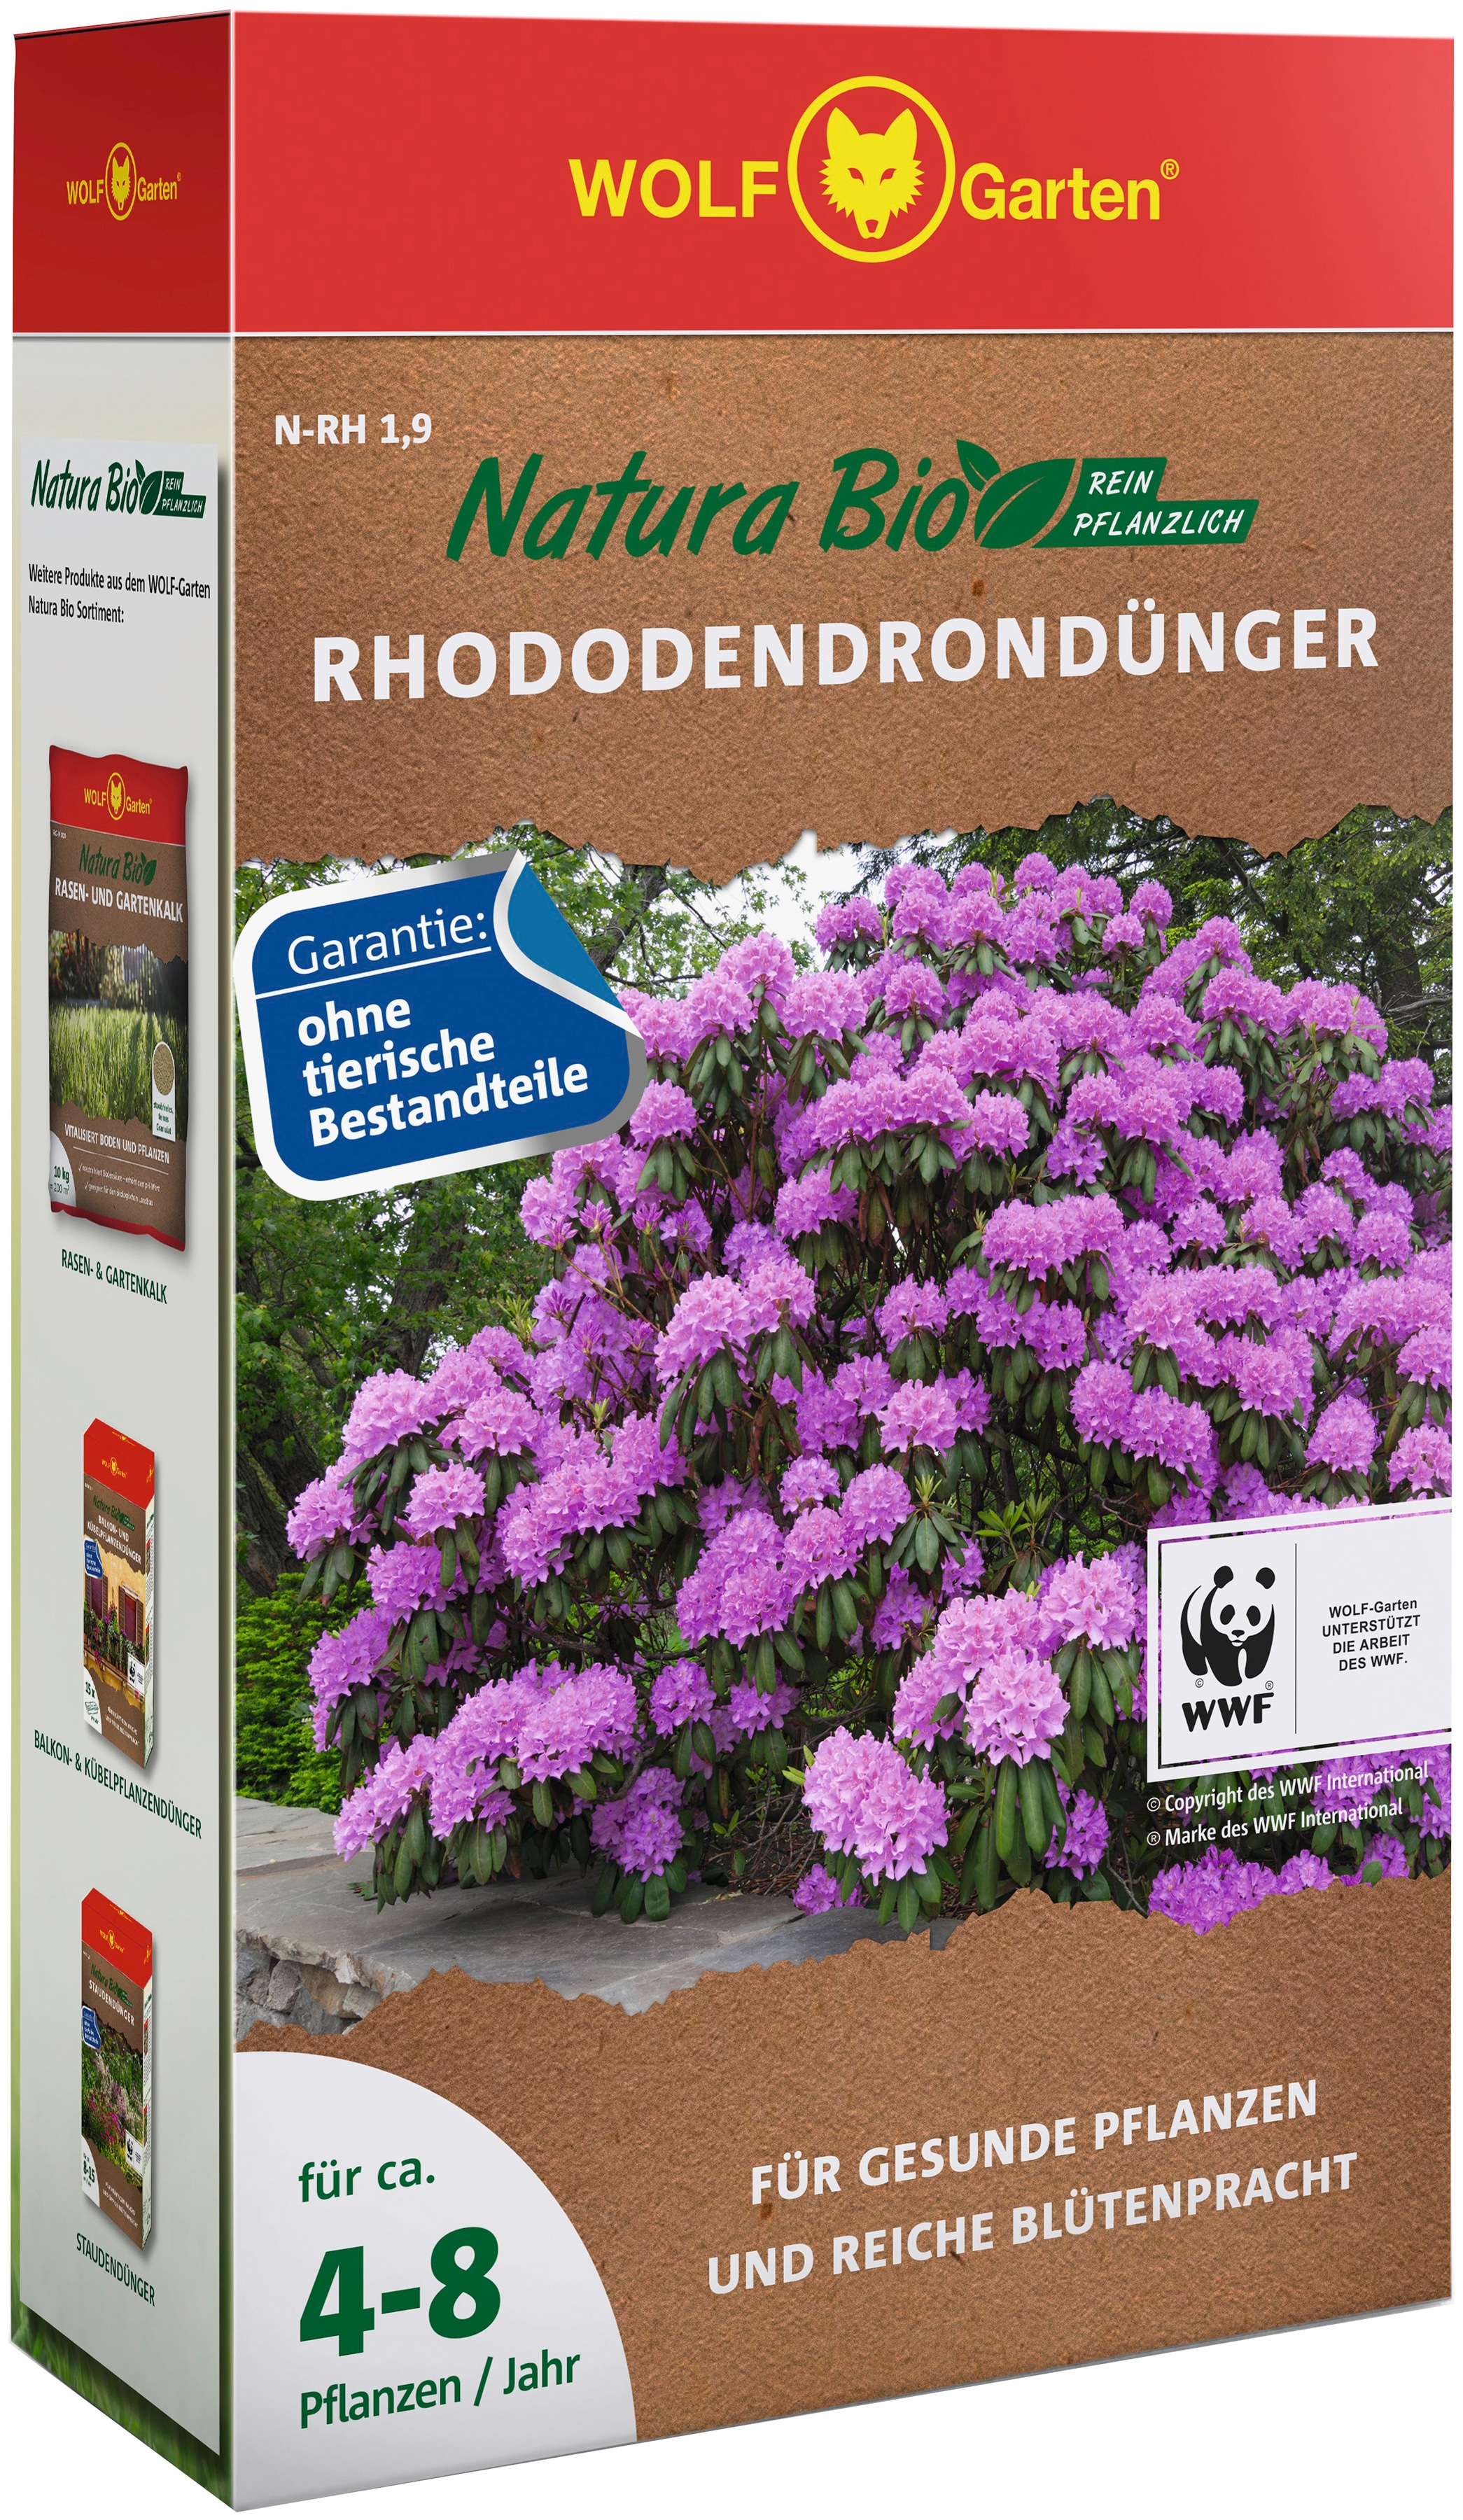 WOLF-Garten Pflanzendünger N-RH 1,9, 1,9 kg grün Zubehör Pflanzen Garten Balkon